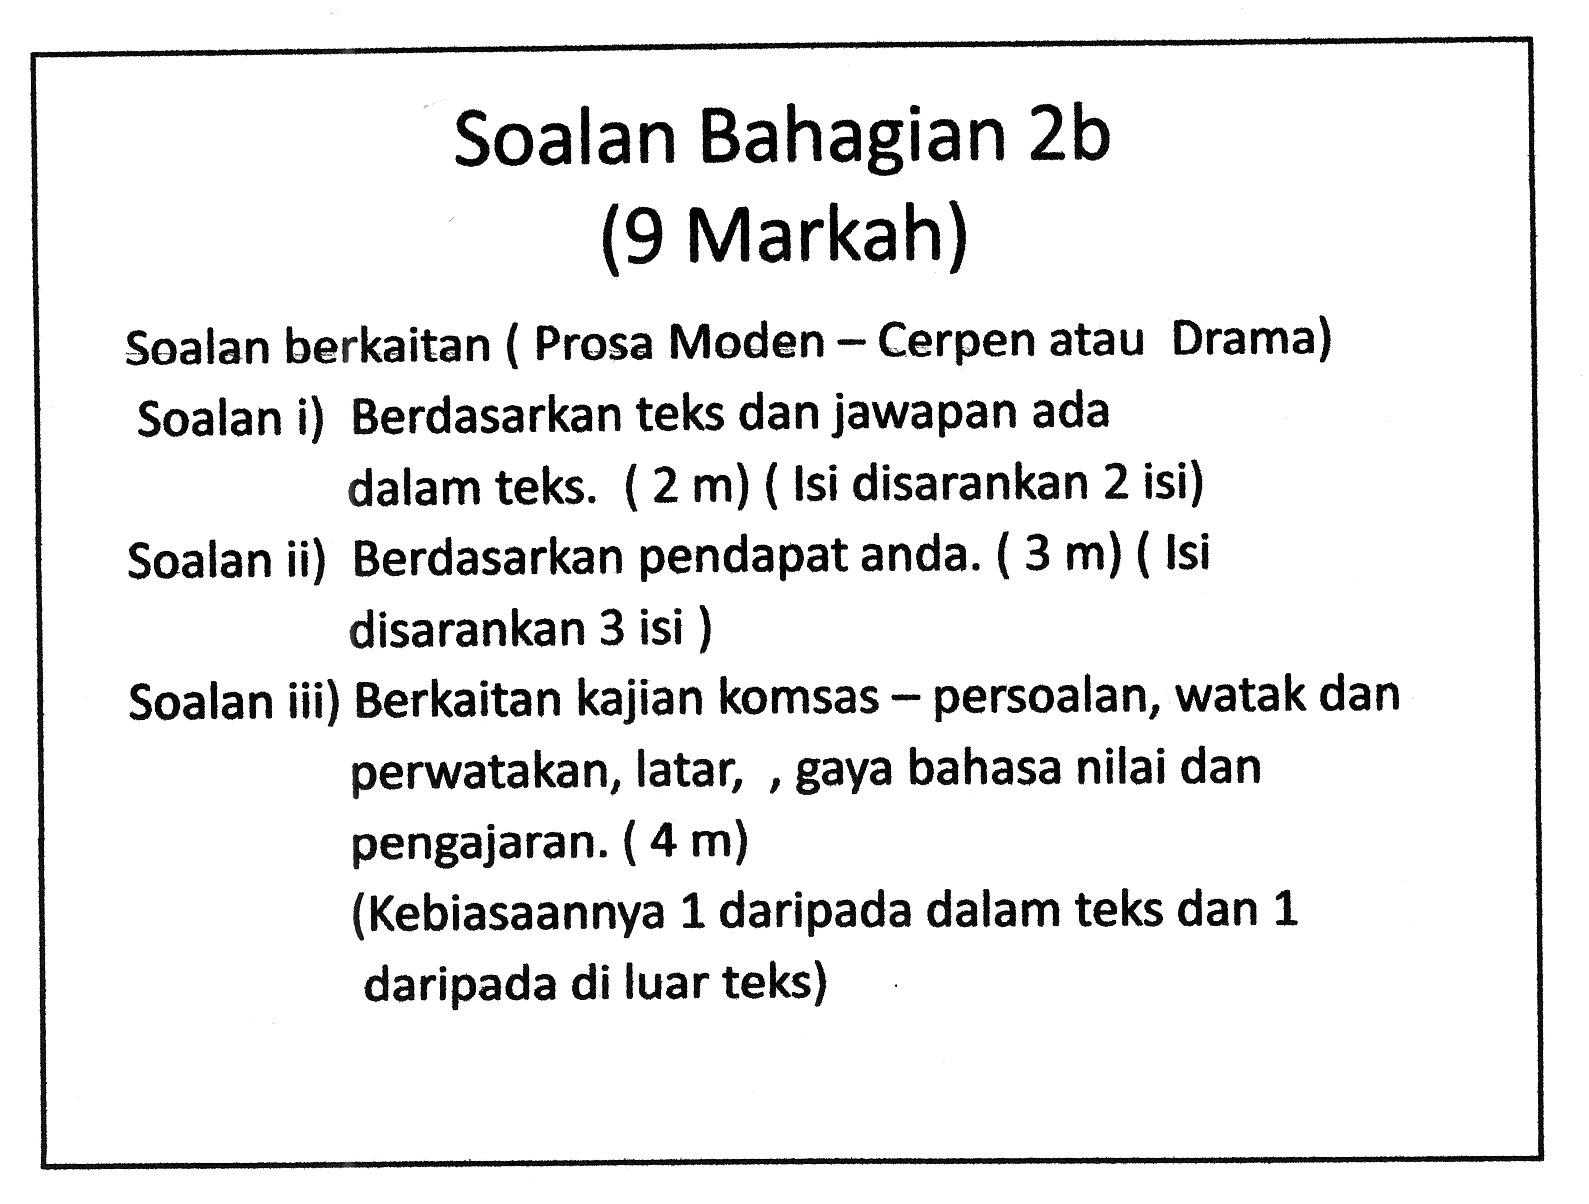 Laman Bahasa Melayu SPM: PEMAHAMAN KOMSAS ANTOLOGI TINGKATAN 4 DAN 5